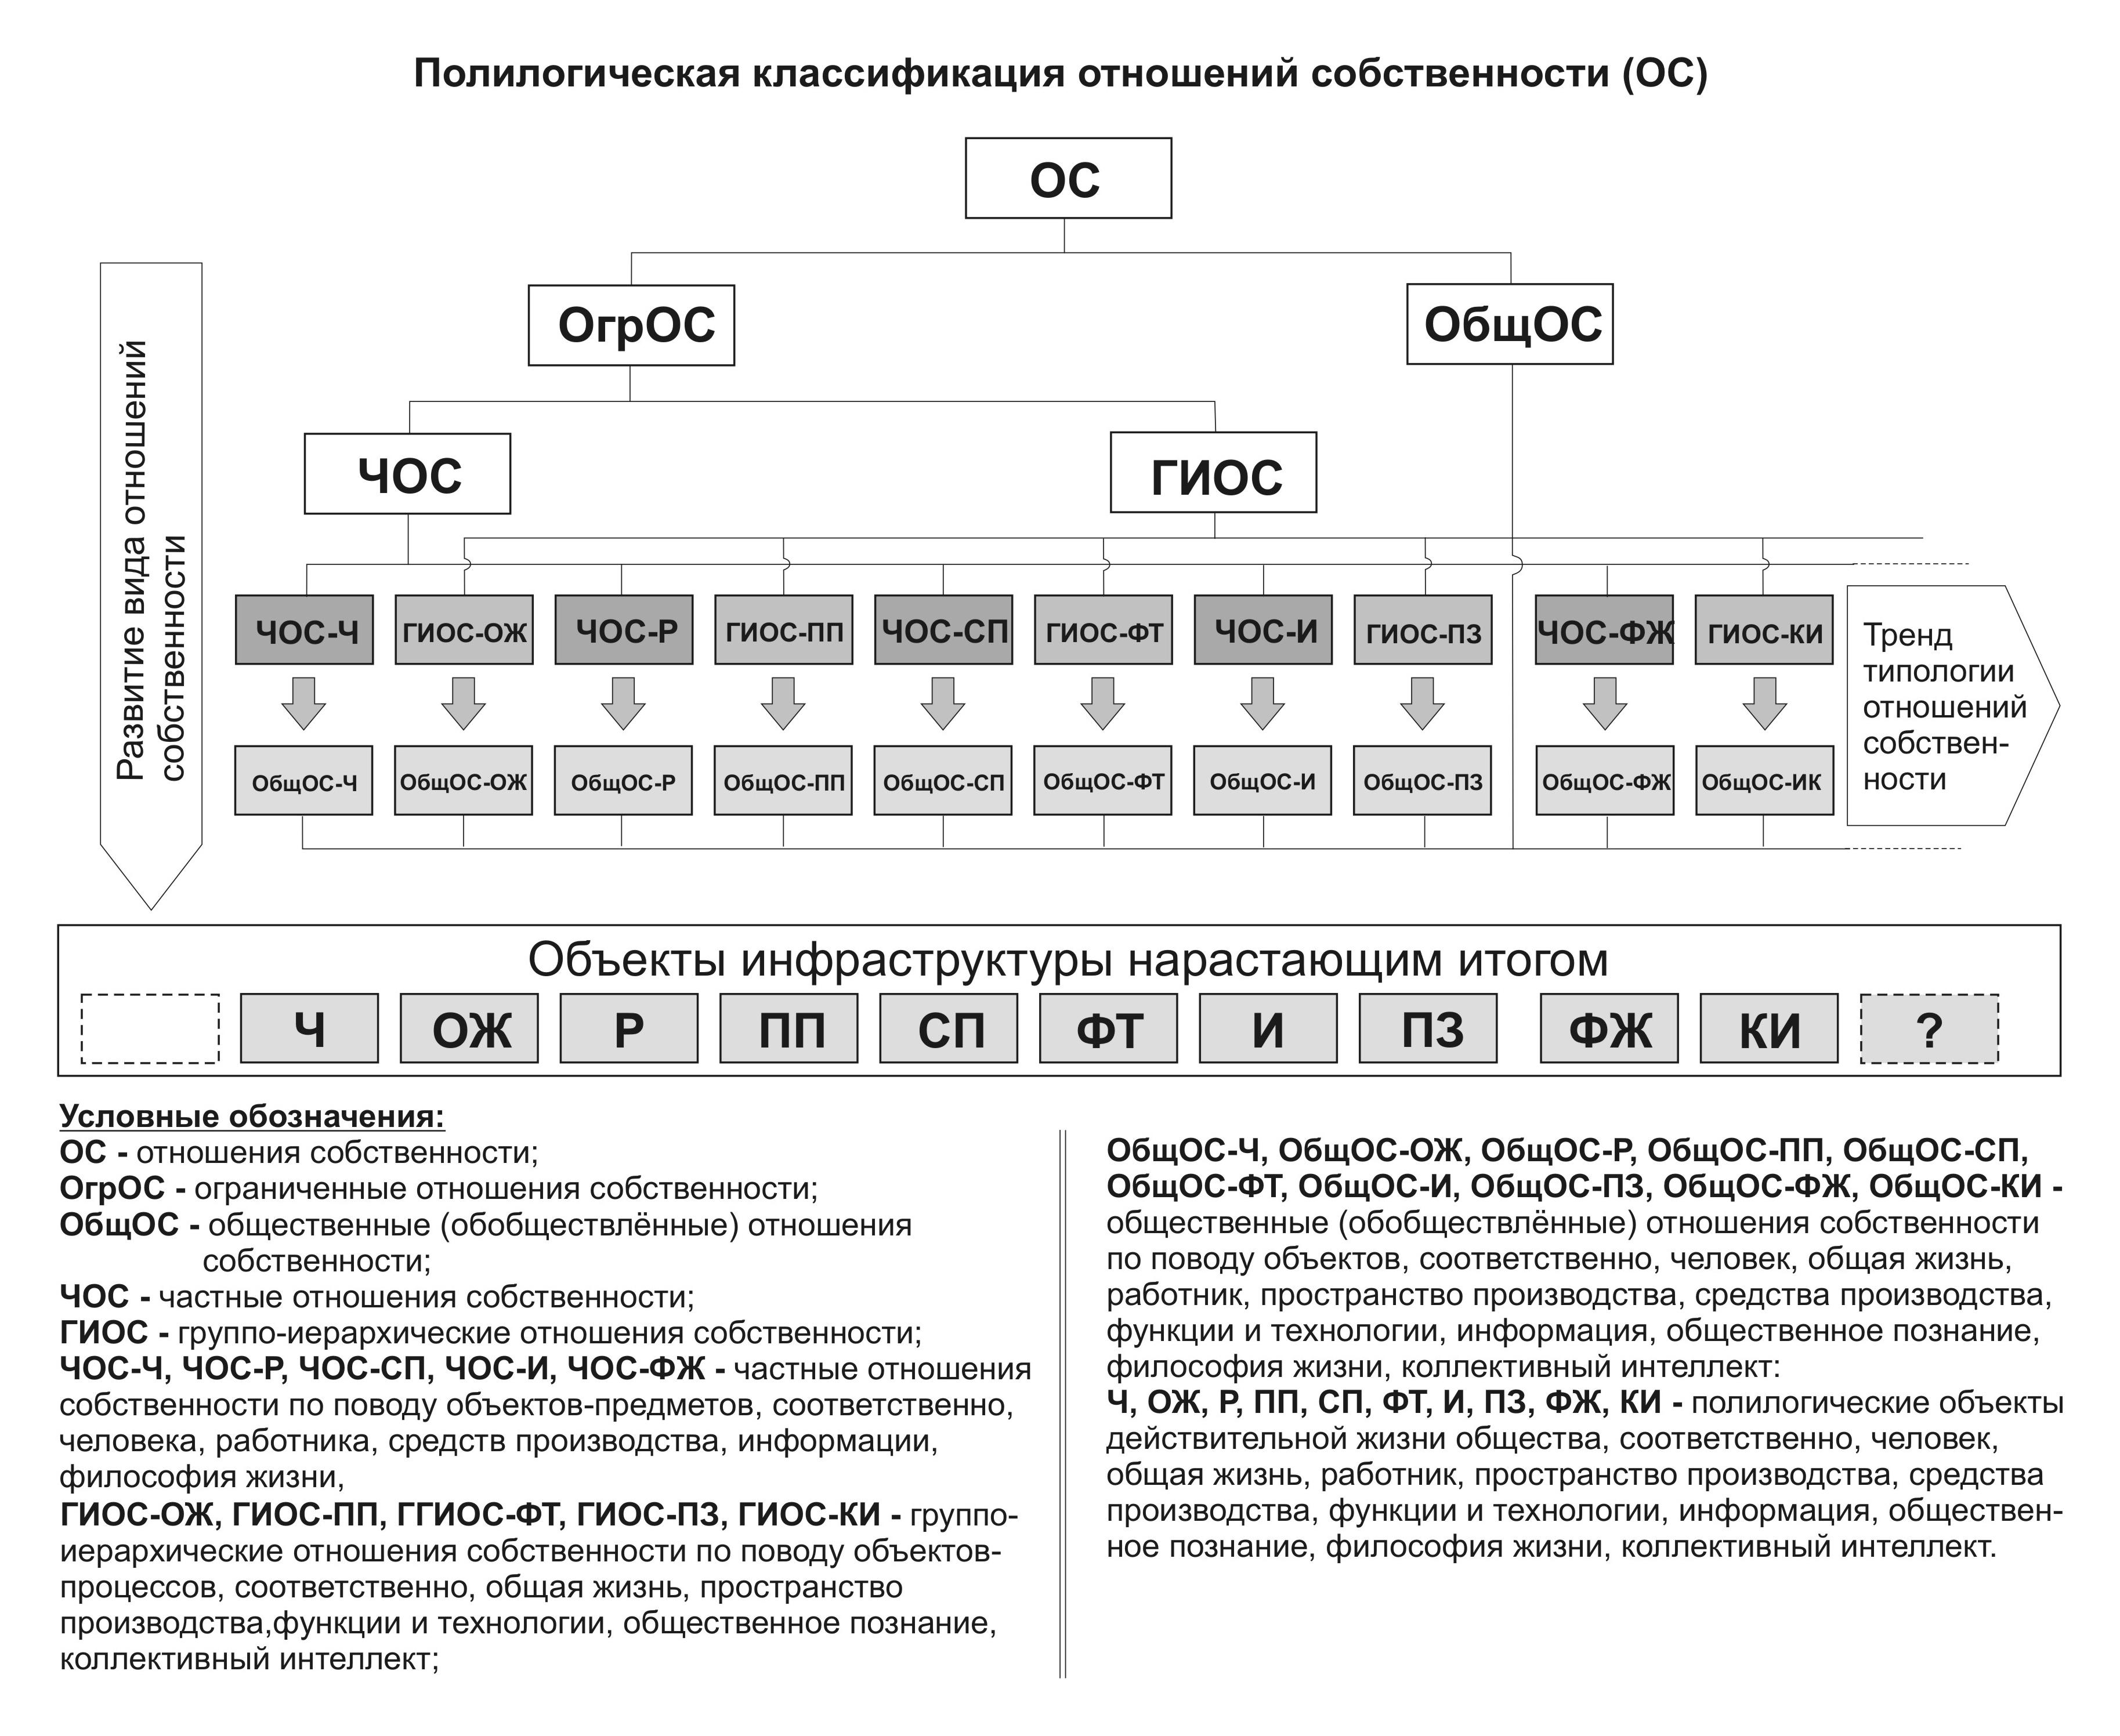 Стратегия развития: от капитализма и социализма к Обществу знания! - Страница 3 Ris-4-3